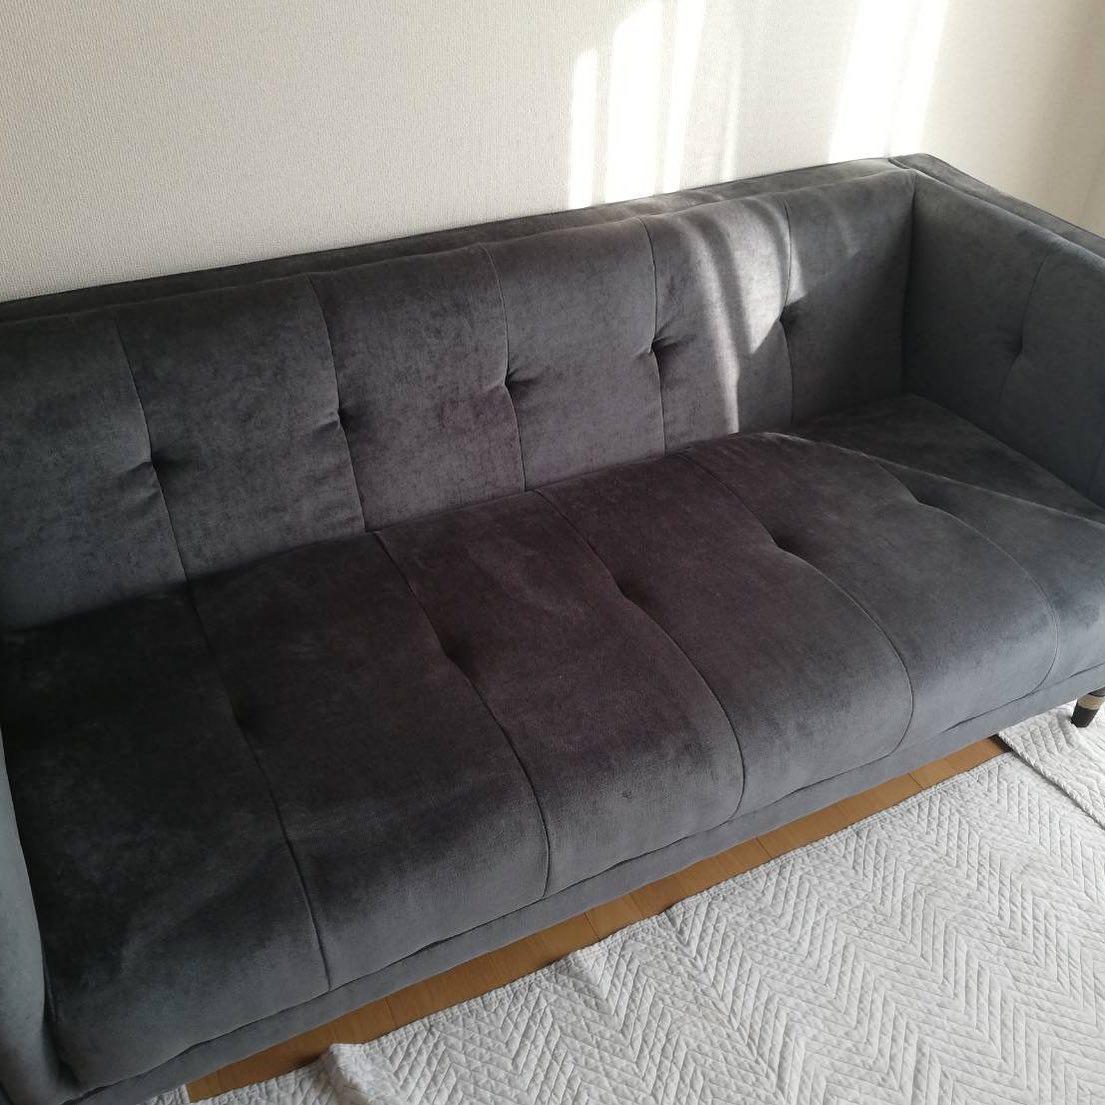 購入したばかりのソファーを消臭洗浄。即日緊急対応。意外と多い事例です。会社が中央区にあるから緊急対応が出来ます。 #粗相#尿臭#嘔吐#緊急対応#ソファー洗浄#消臭#中央区